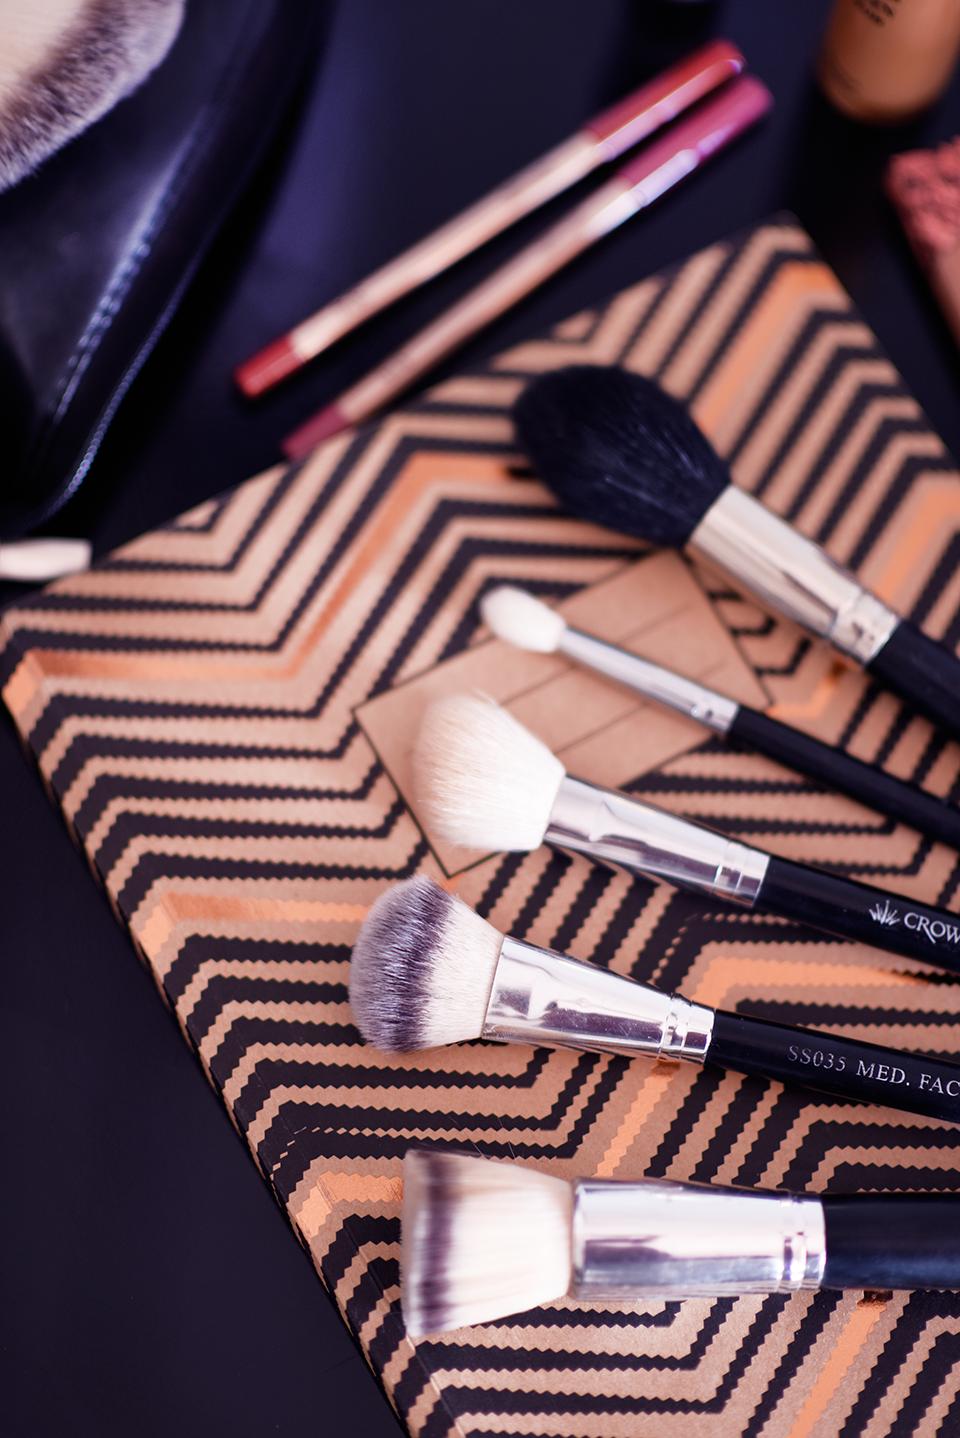 make-up-brush-essentials-crownbrush-zoe-newlove-beauty-blogger-zoe-newlove